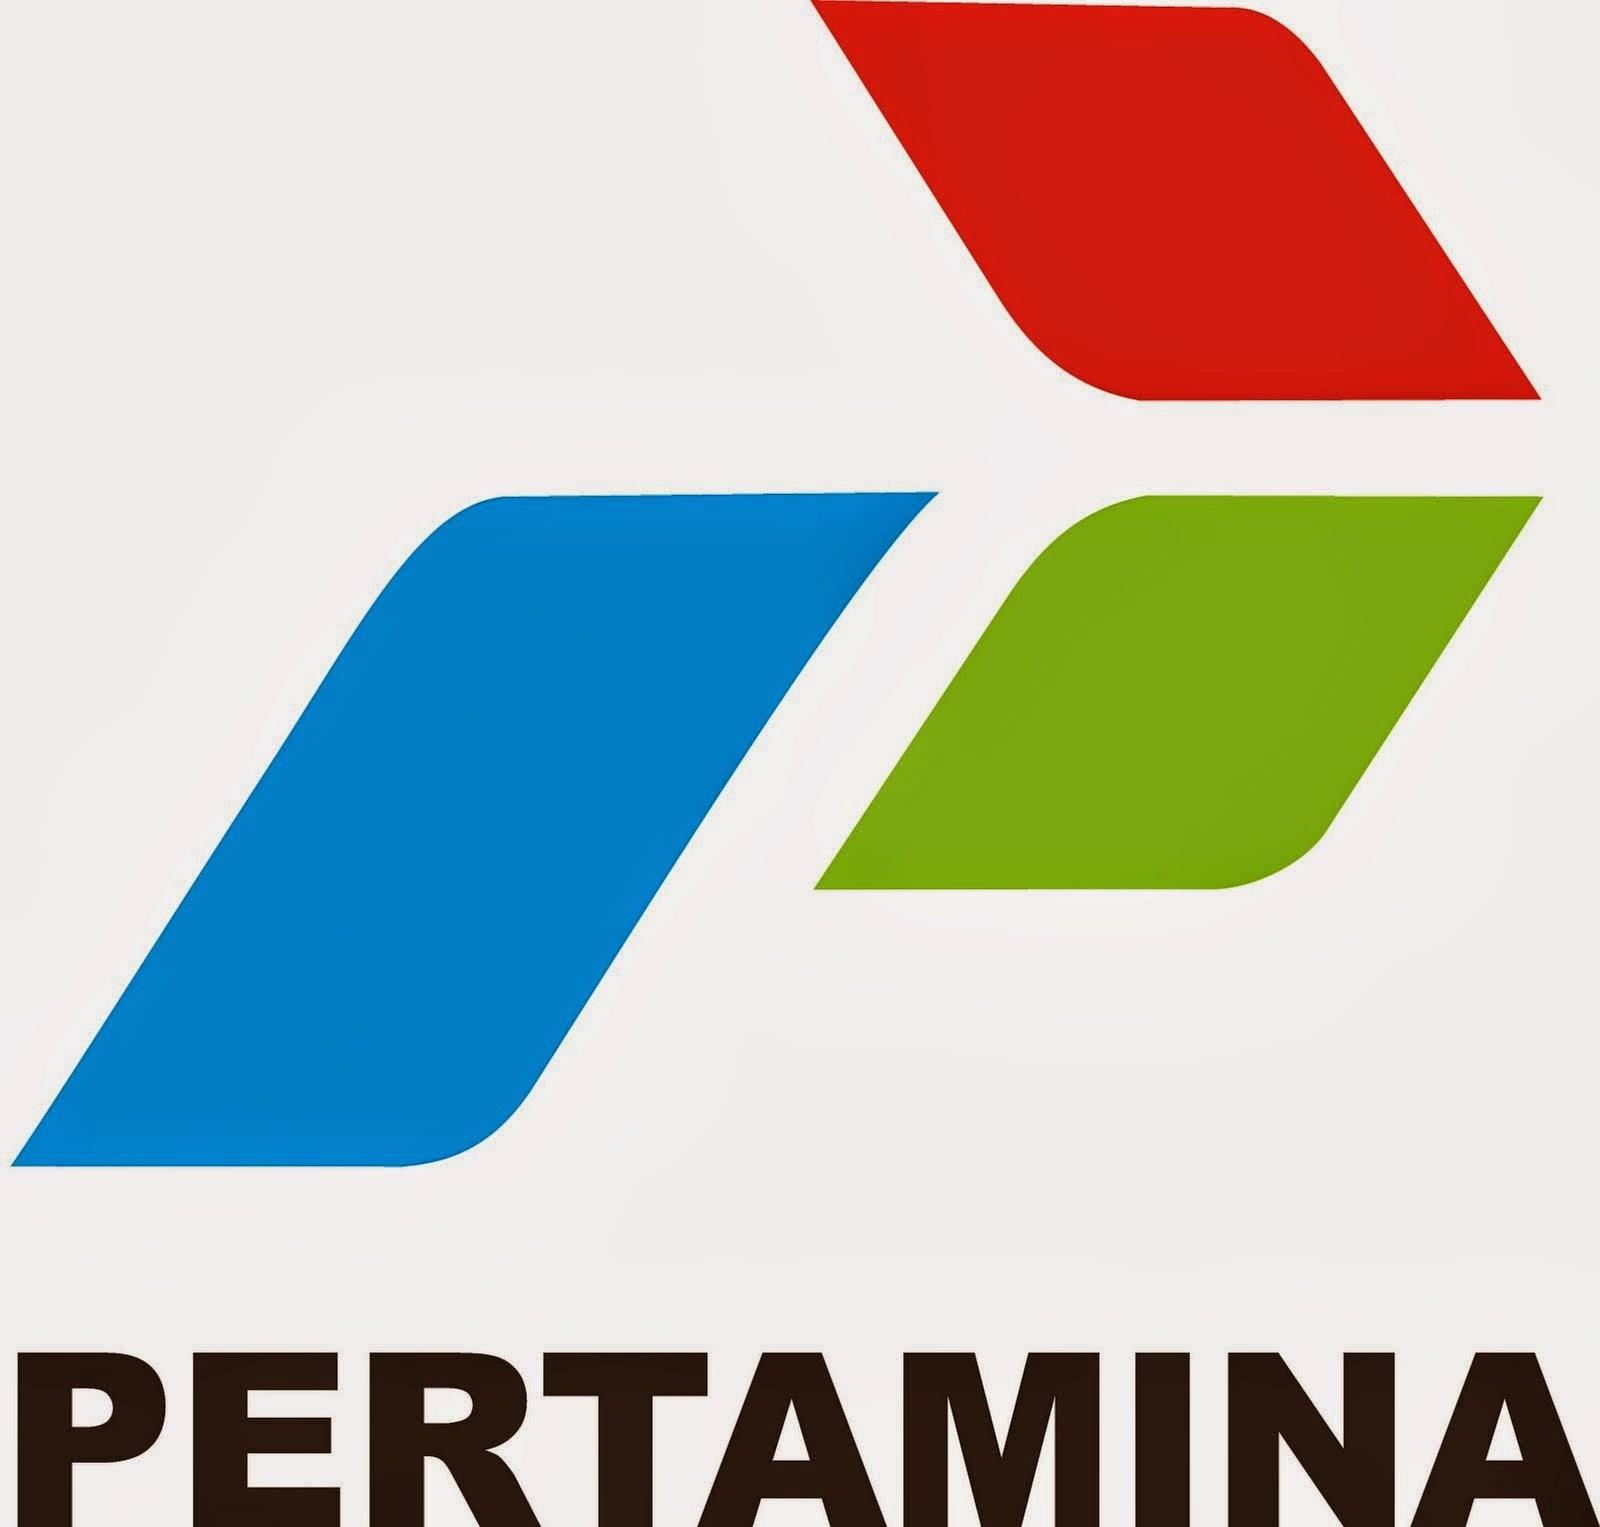 Lowongan Kerja PT Pertamina Terbaru Agustus 2014